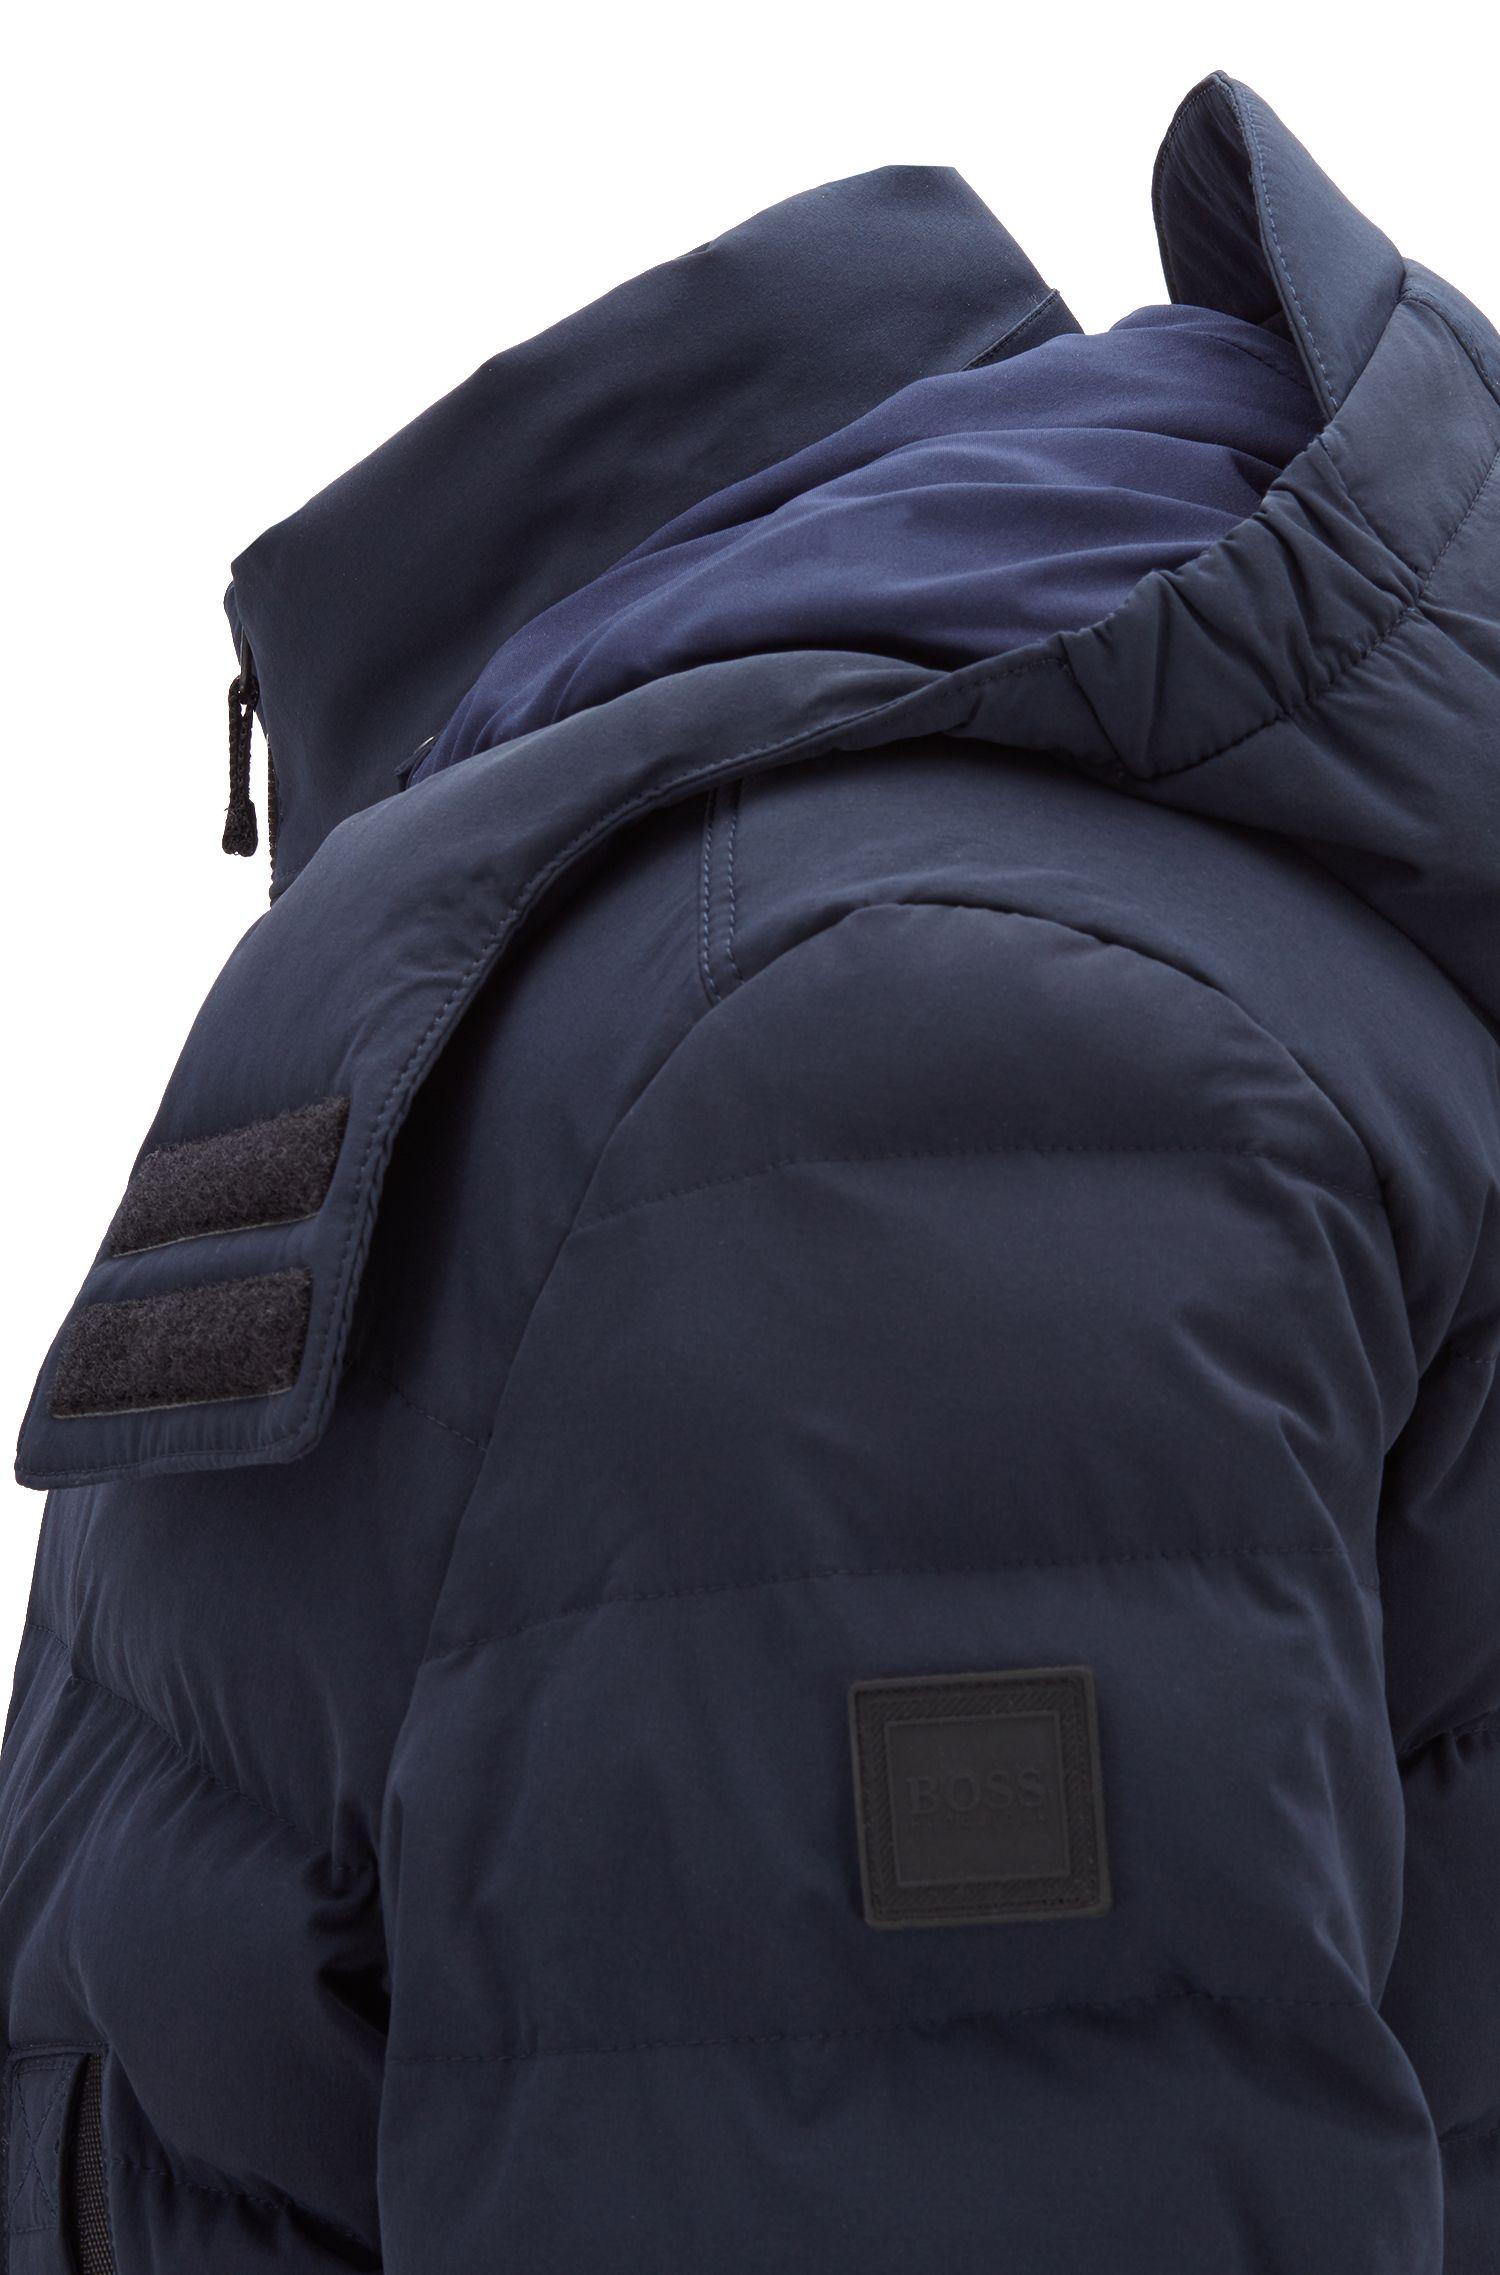 Veste imperméable matelassée en tissu stretch quadri-extensible, Bleu foncé